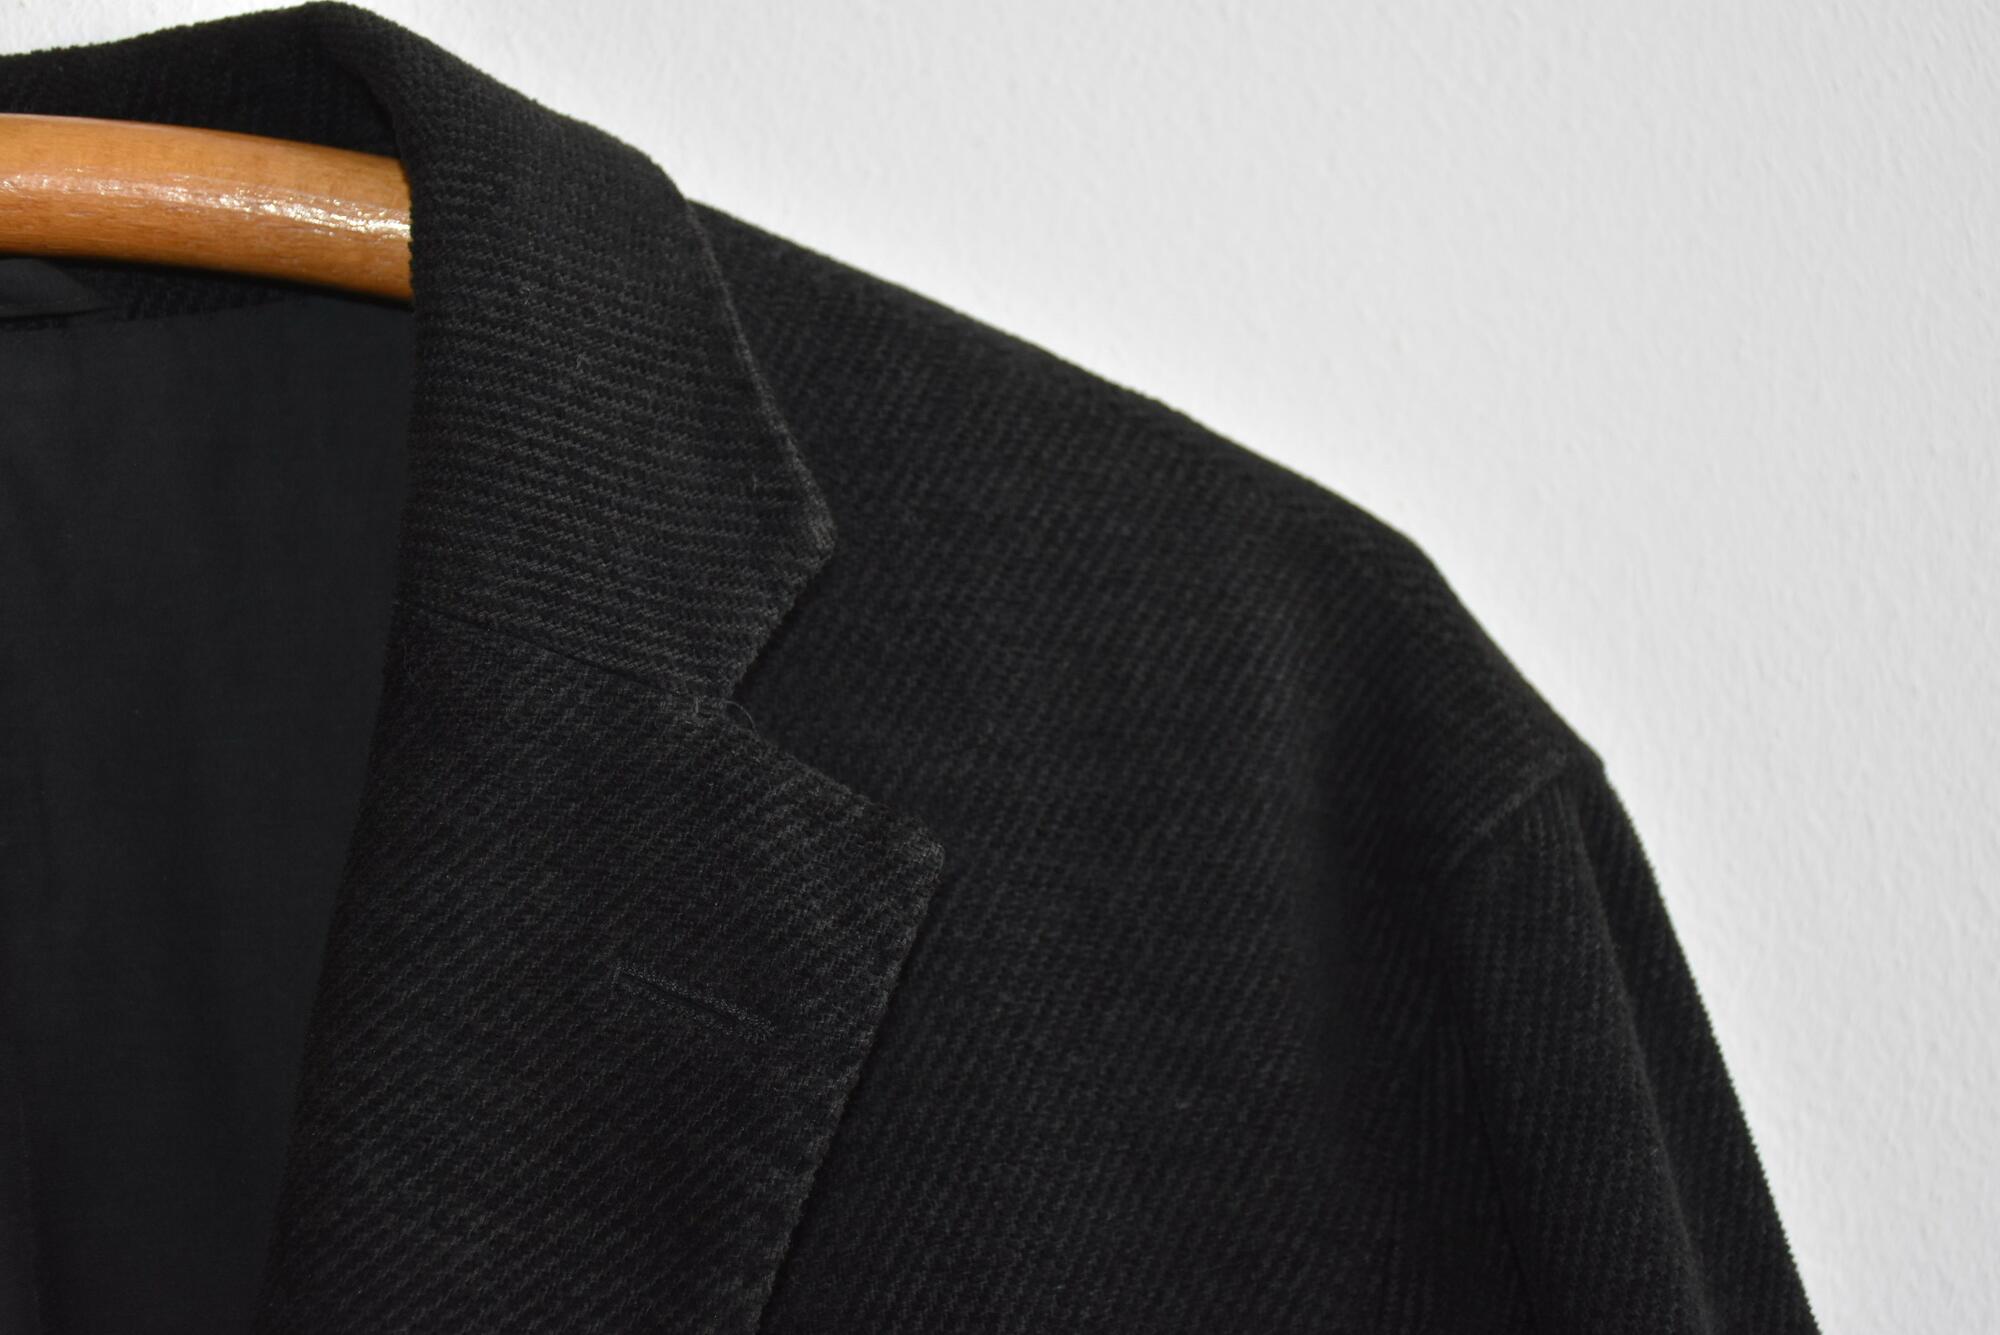 Hugo Boss czarna marynarka - PONOŚ SE vintage shop | JestemSlow.pl